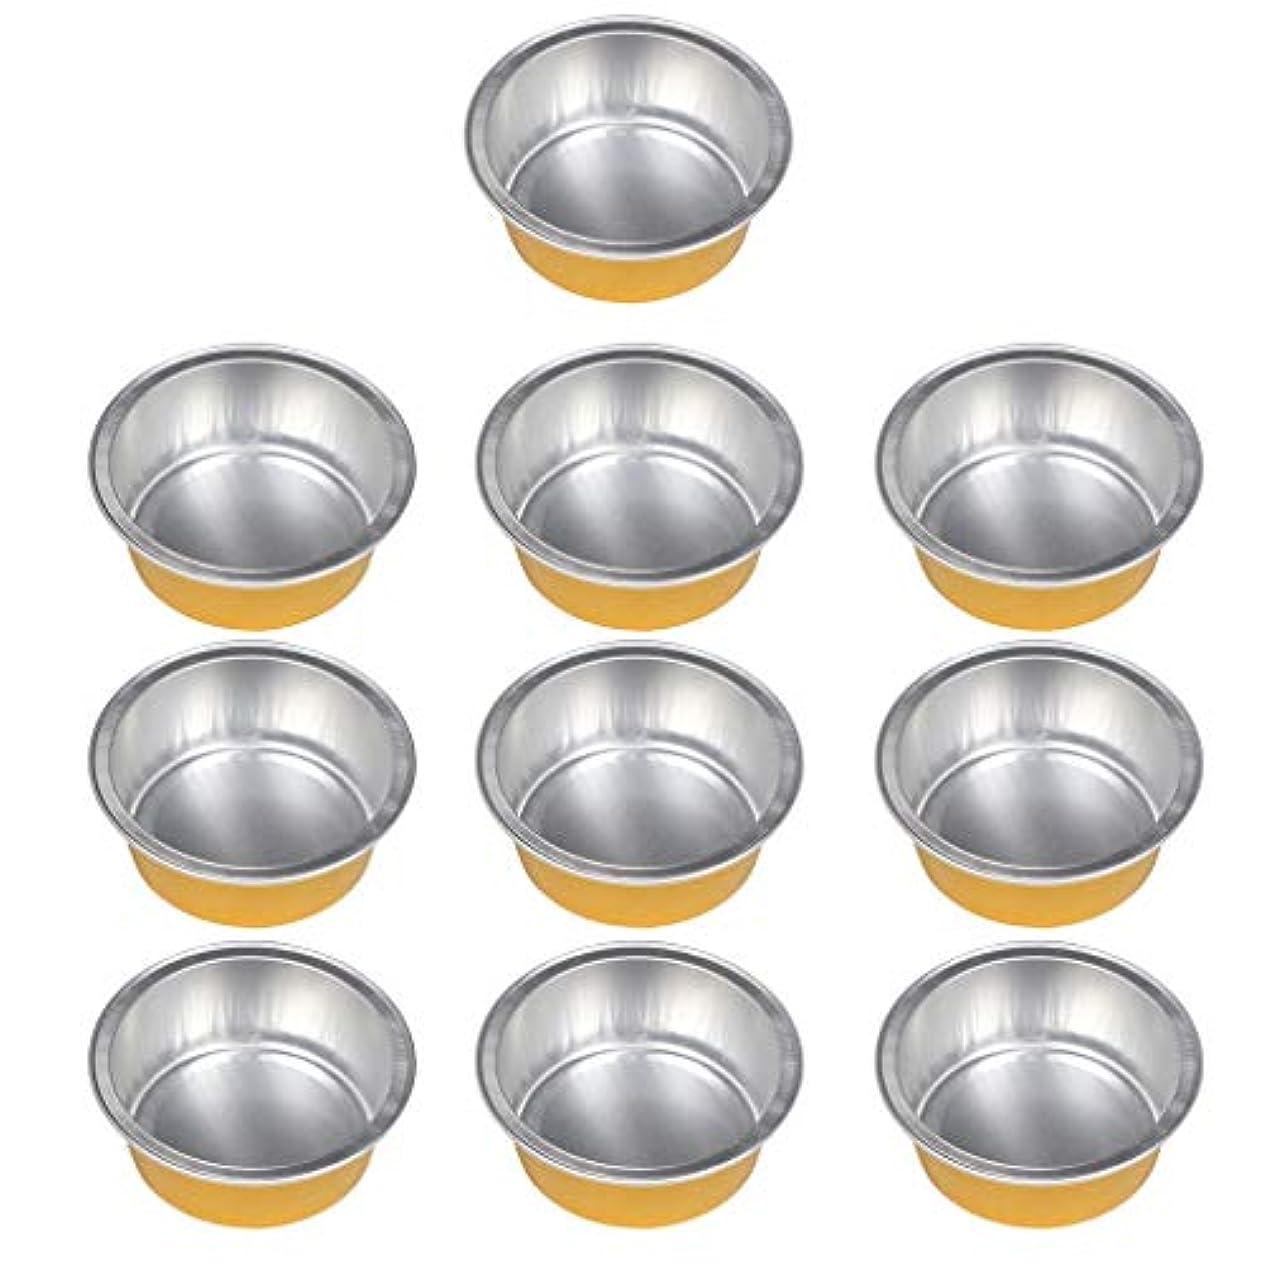 ペデスタルどっちバイオリニスト10個 アルミホイルボウル ワックスボウル ミニボウル ワックス豆体 融解ケース 衛生 2種選ぶ - ゴールデン1, 01